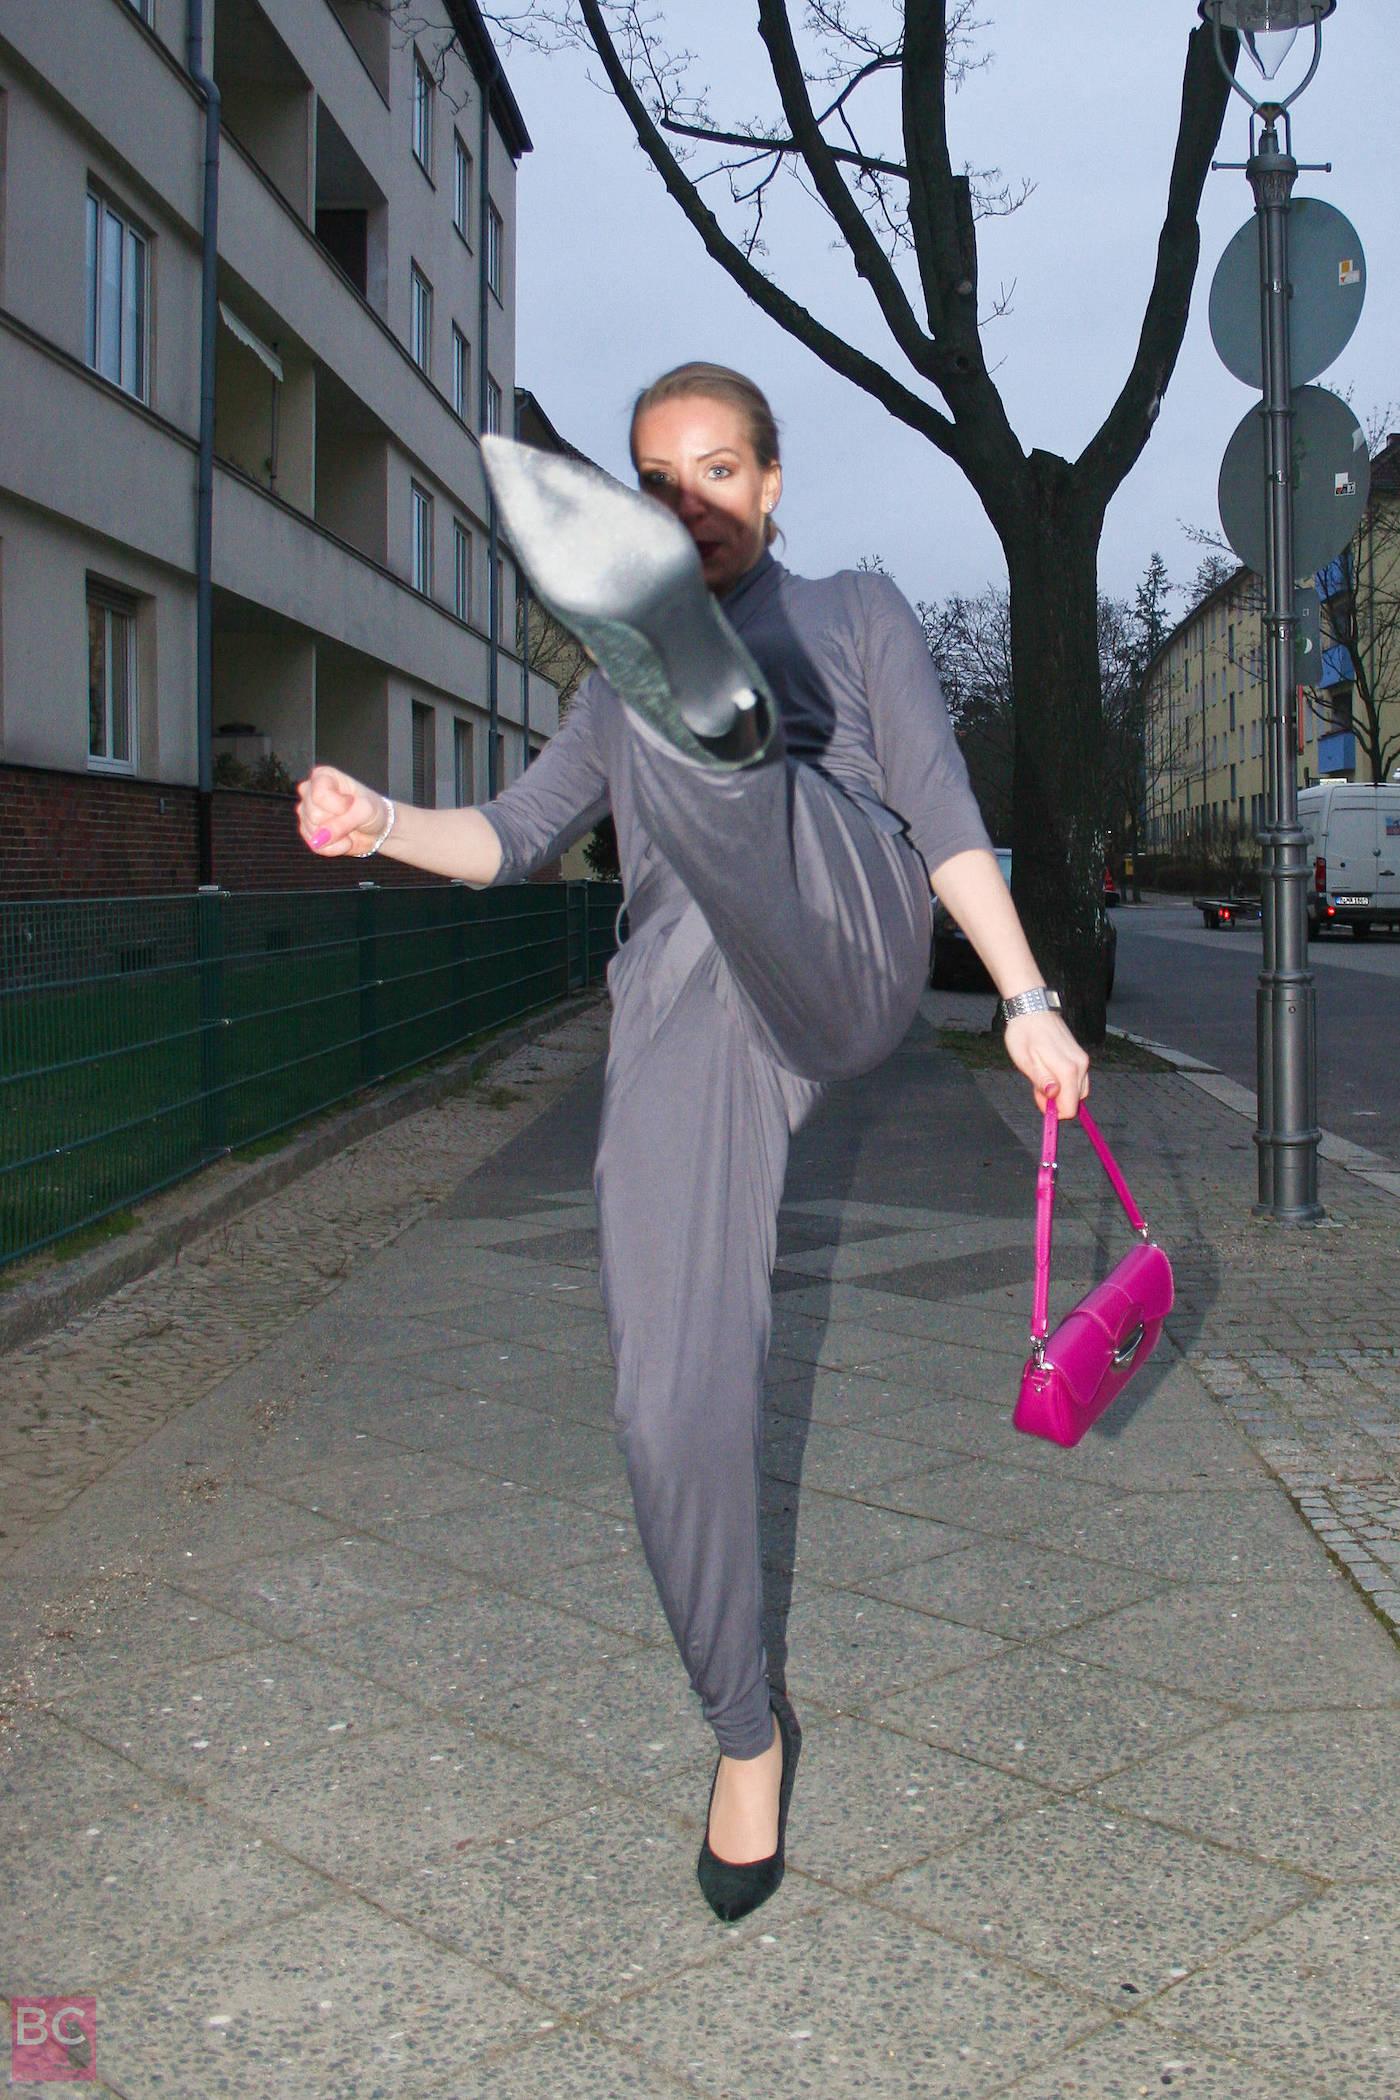 The Paul Jumpsuit Erfahrung - Beweglichkeit ist drin ;-)